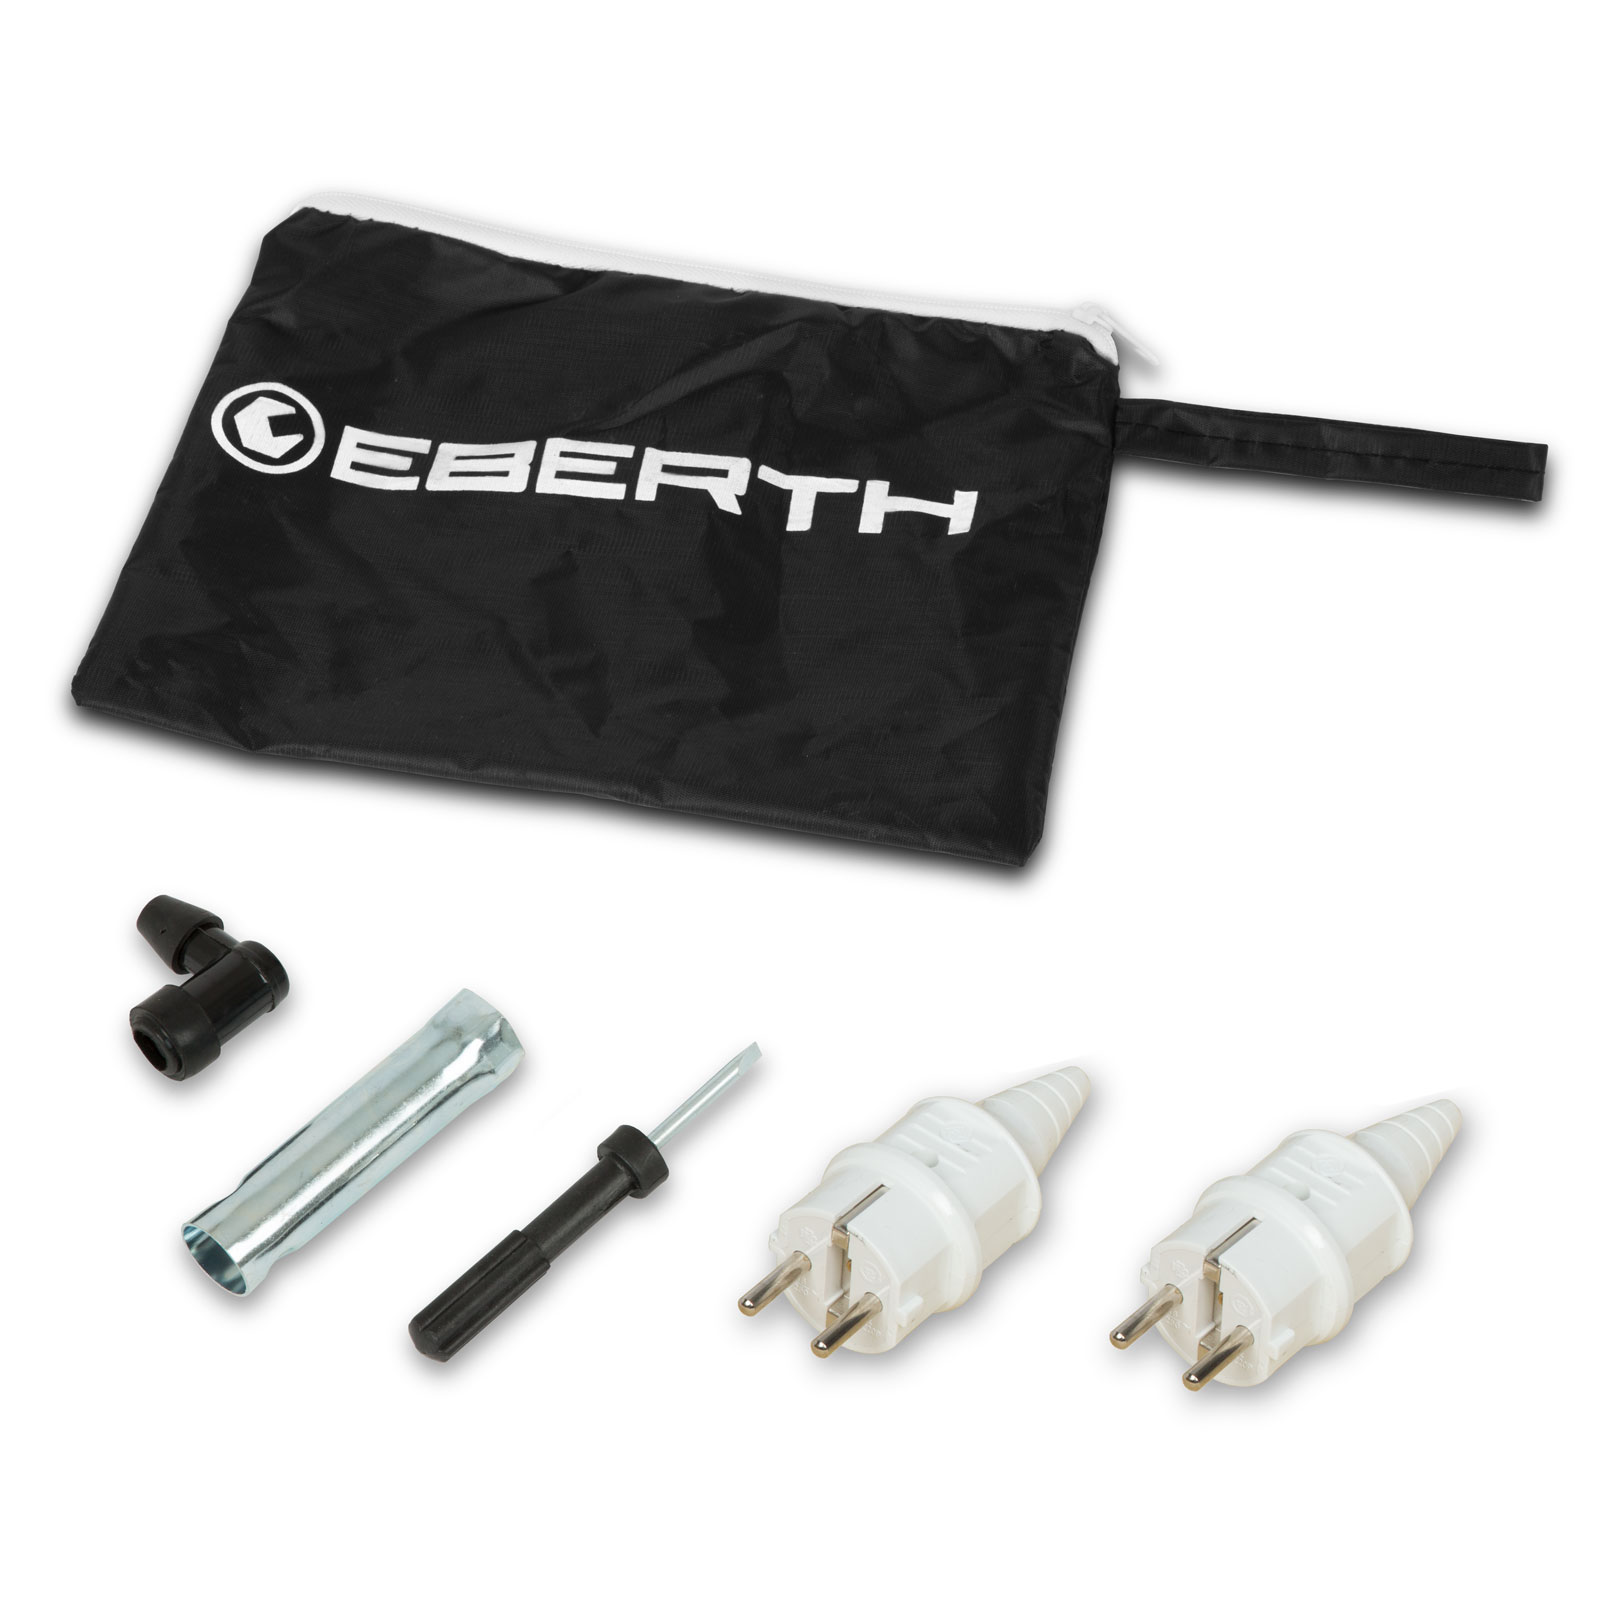 Tankanzeige für Eberth ER3000 Stromerzeuger 3000W Stromaggregat